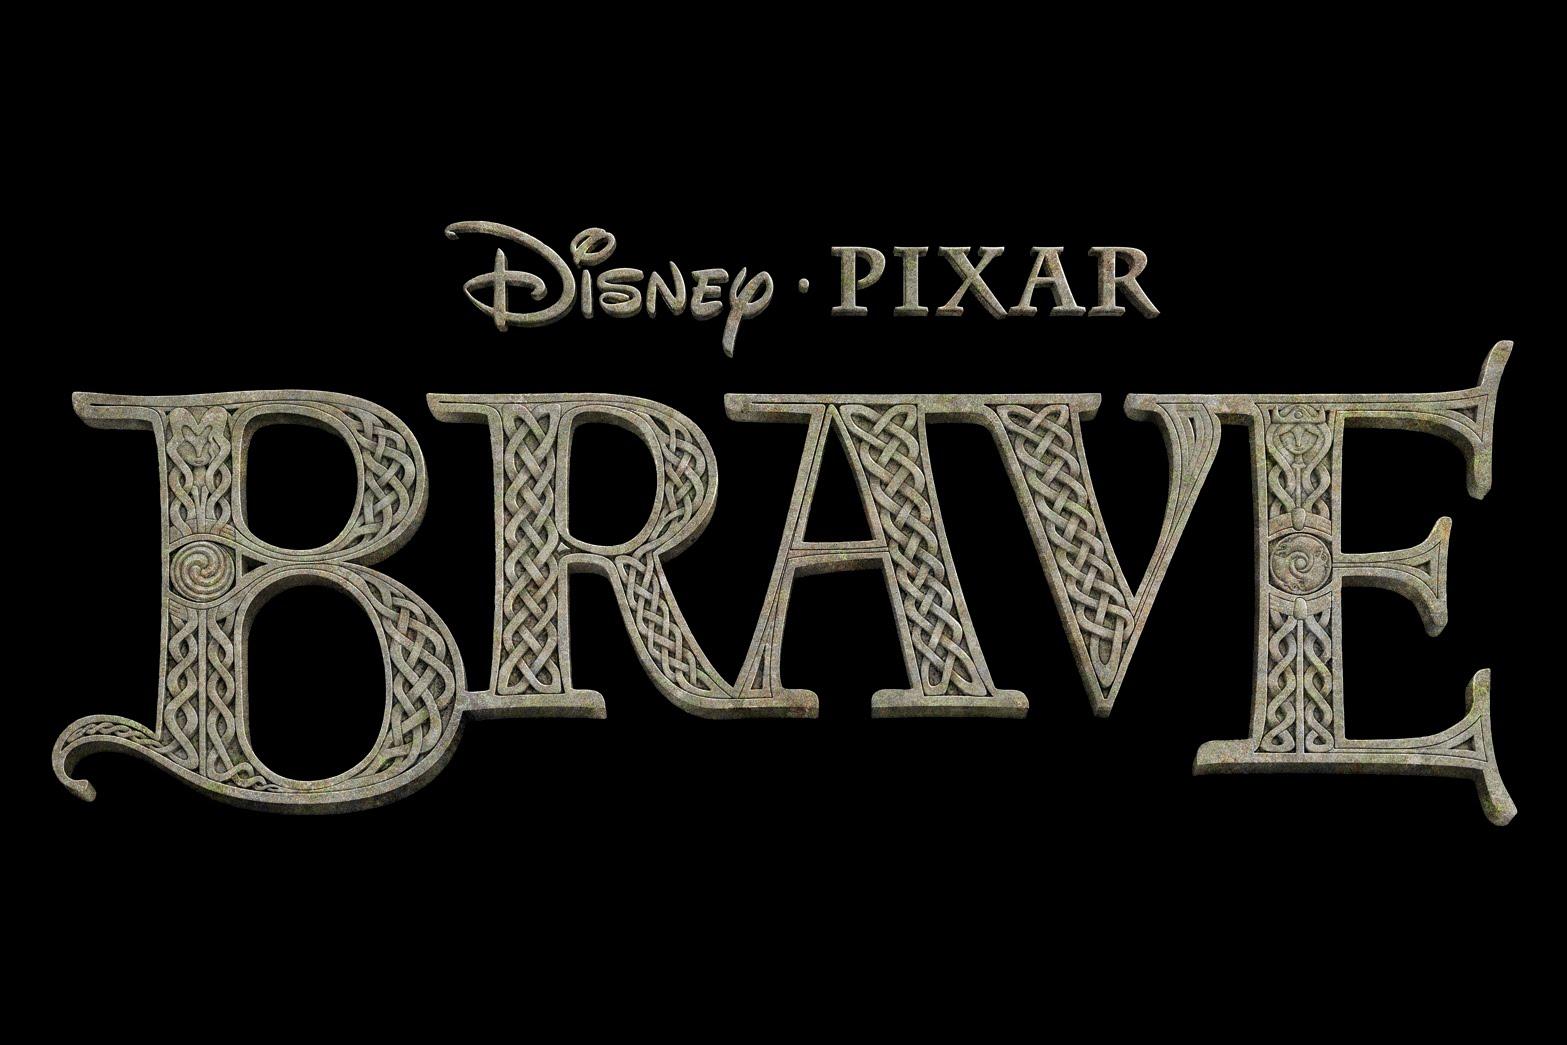 brave | pixar wiki | fandom poweredwikia